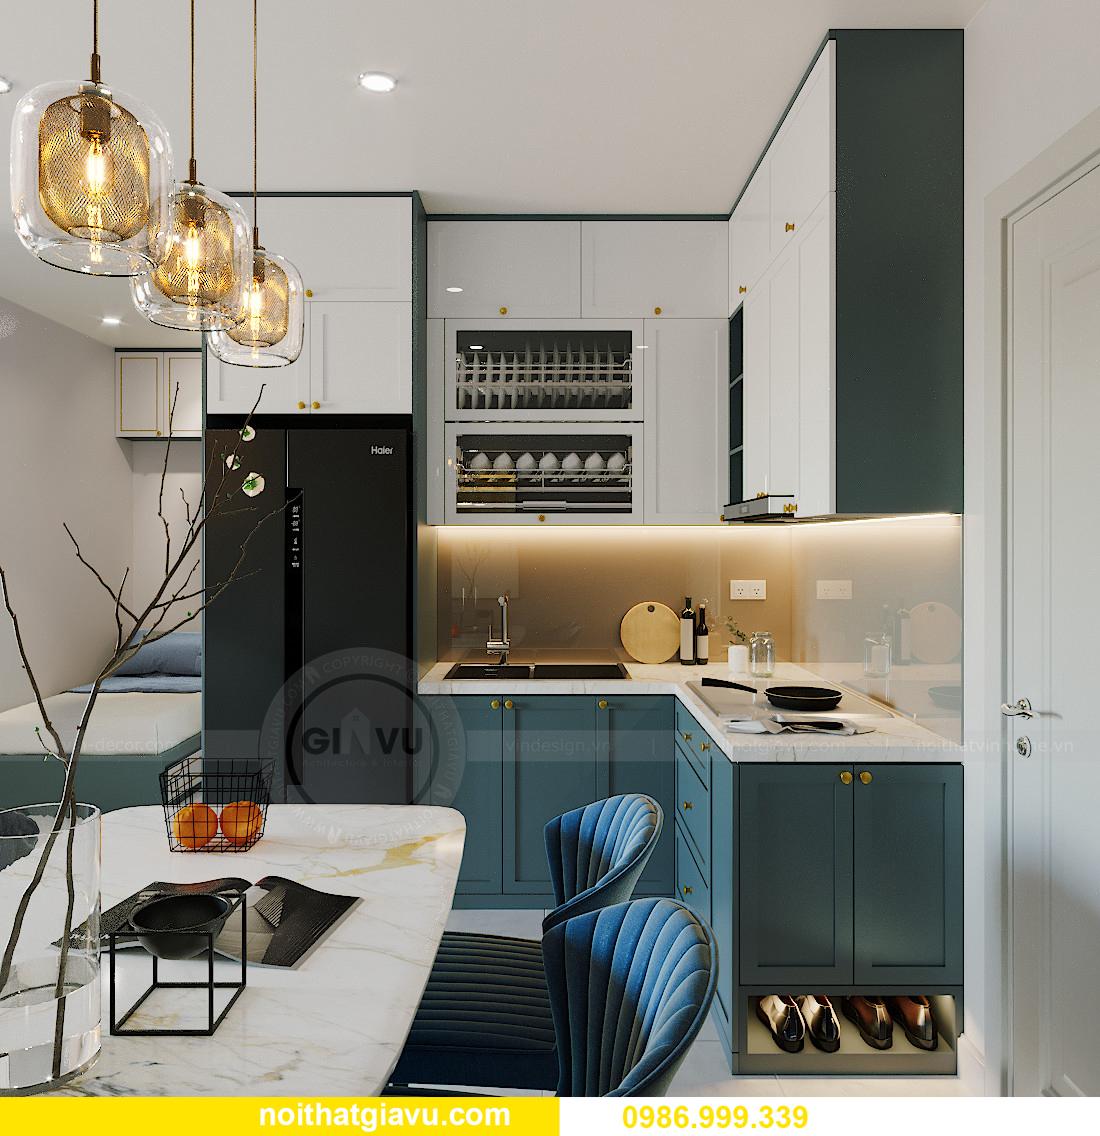 thiết kế thi công nội thất căn hộ Smart City tòa S201 căn 18 1